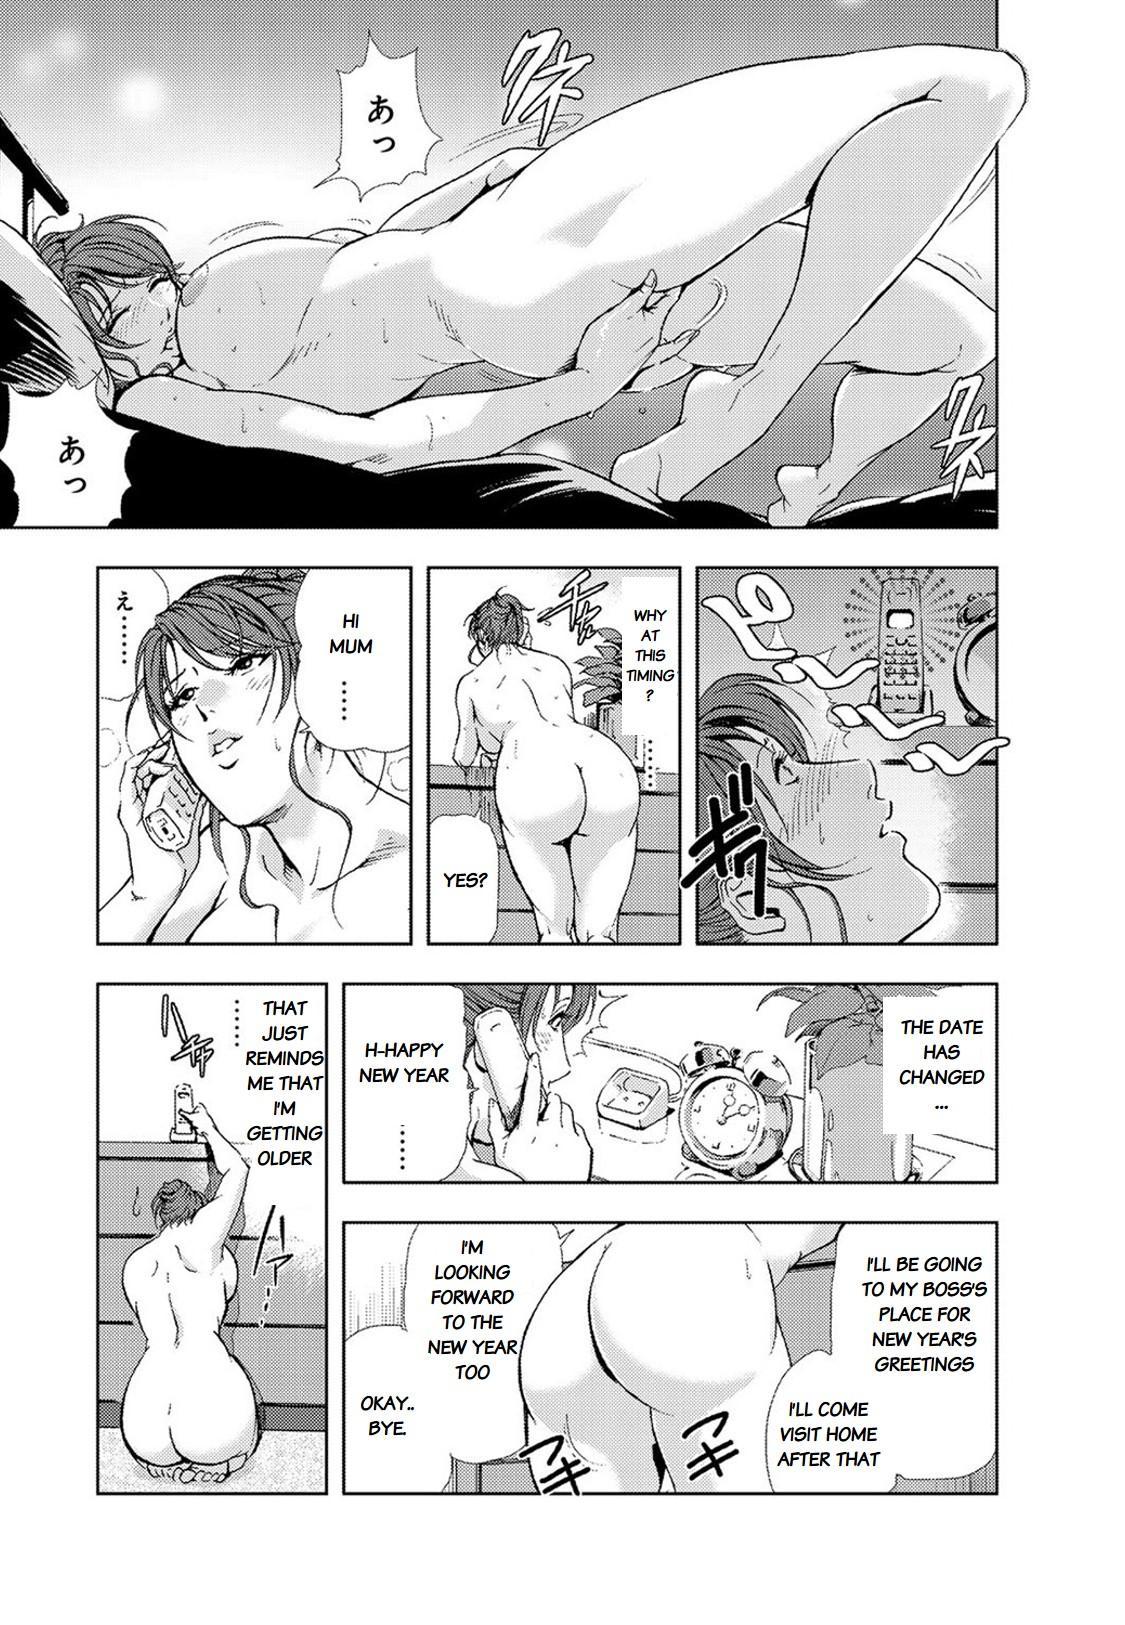 Nikuhisyo Yukiko chapter 17 7